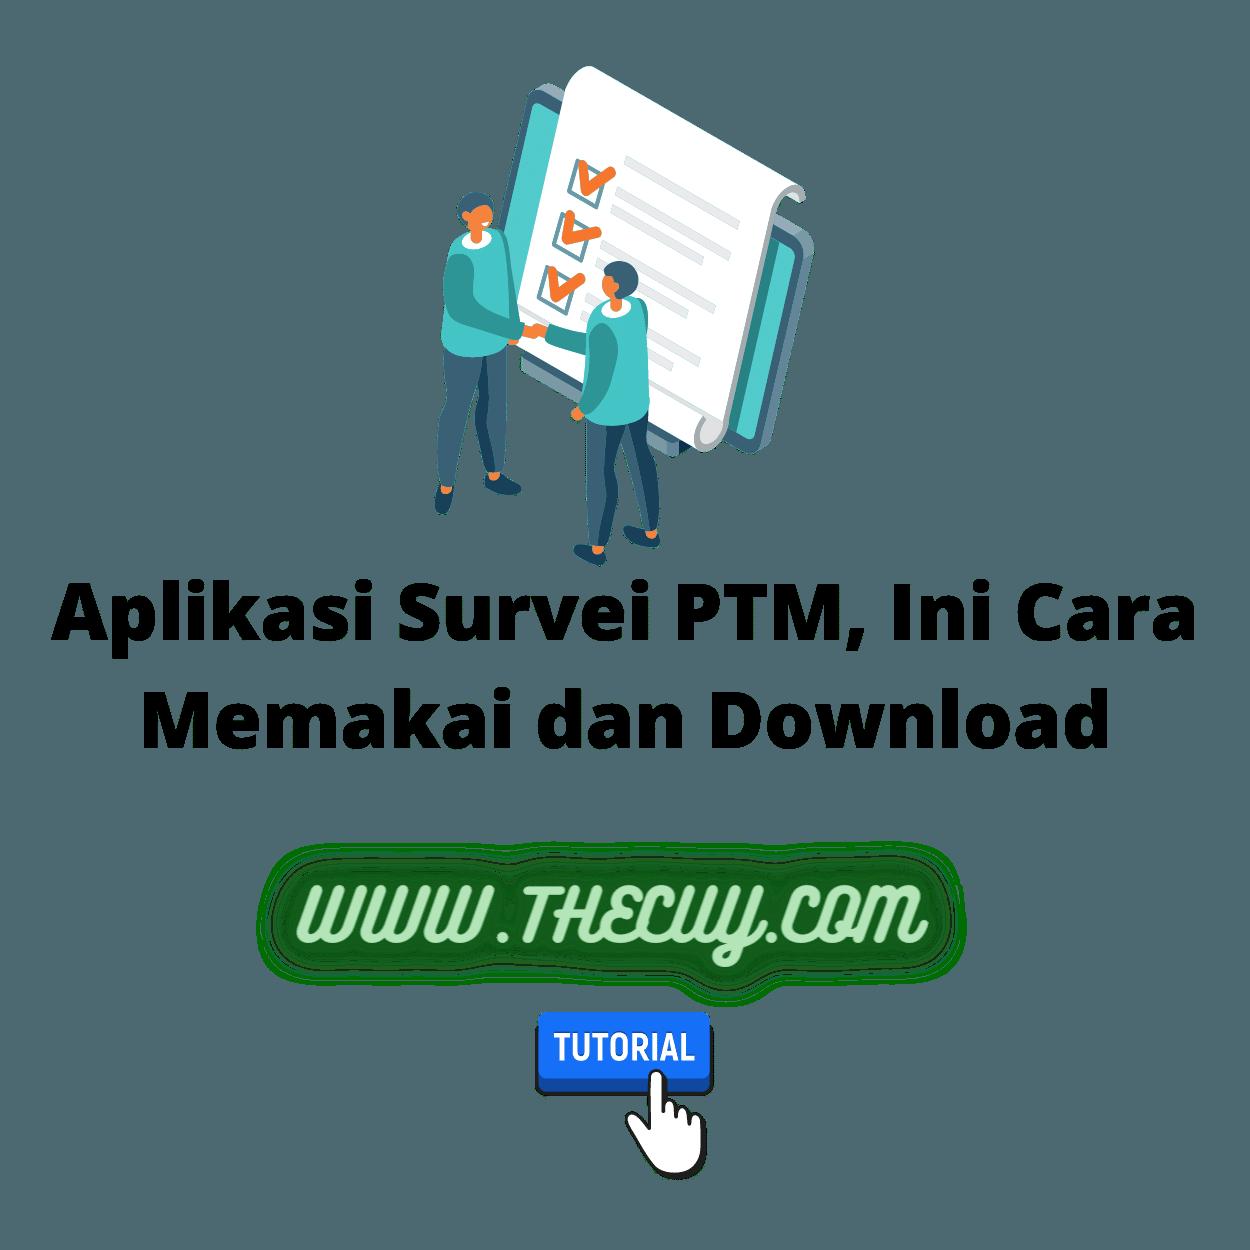 Aplikasi Survei PTM, Ini Cara Memakai dan Download